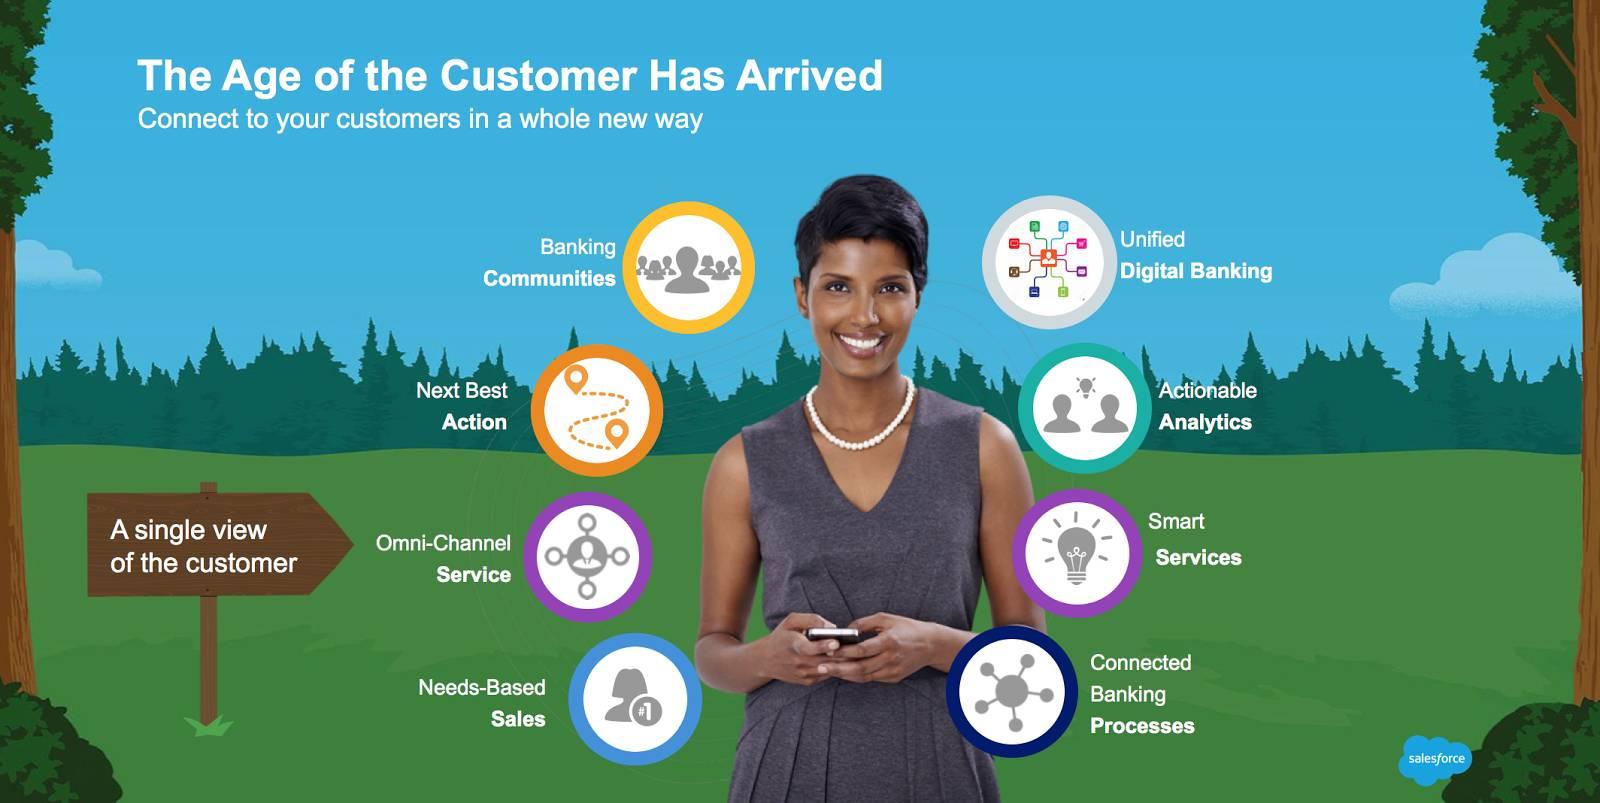 「顧客の時代」と Salesforce の銀行向けサービス (統合デジタルバンキング、アクション可能な分析、スマートサービス、コネクテッドバンキングプロセス、ニーズベースの営業、オムニチャネルサービス、ネクストベストアクション、バンキングコミュニティ) を示すグラフィック